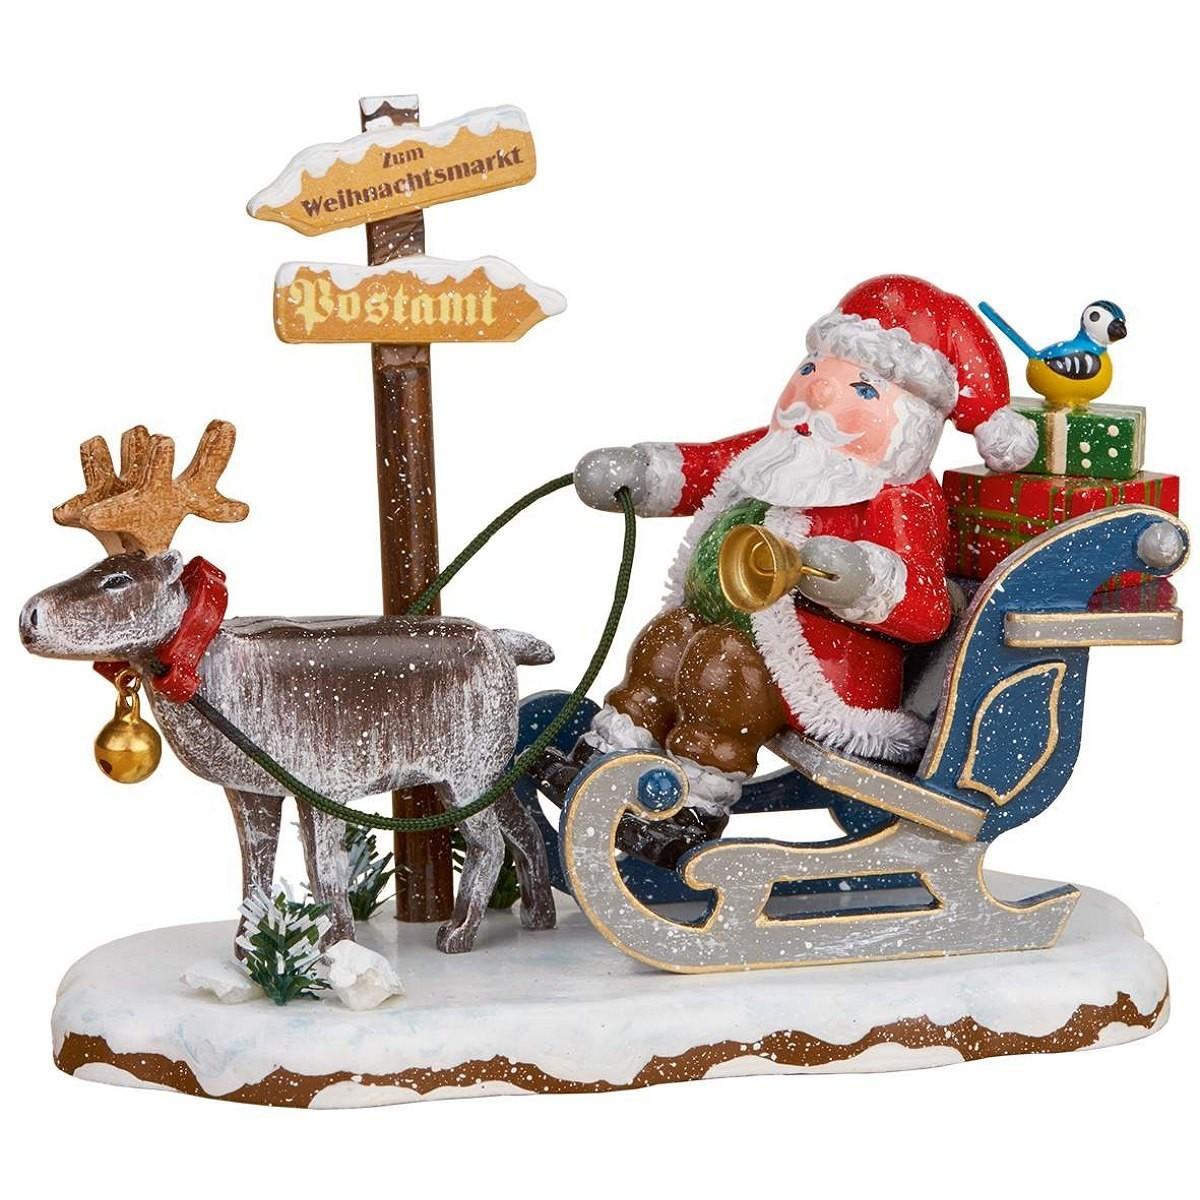 Hubrig - Winterkinder - Hurra, der Weihnachtsmann kommt